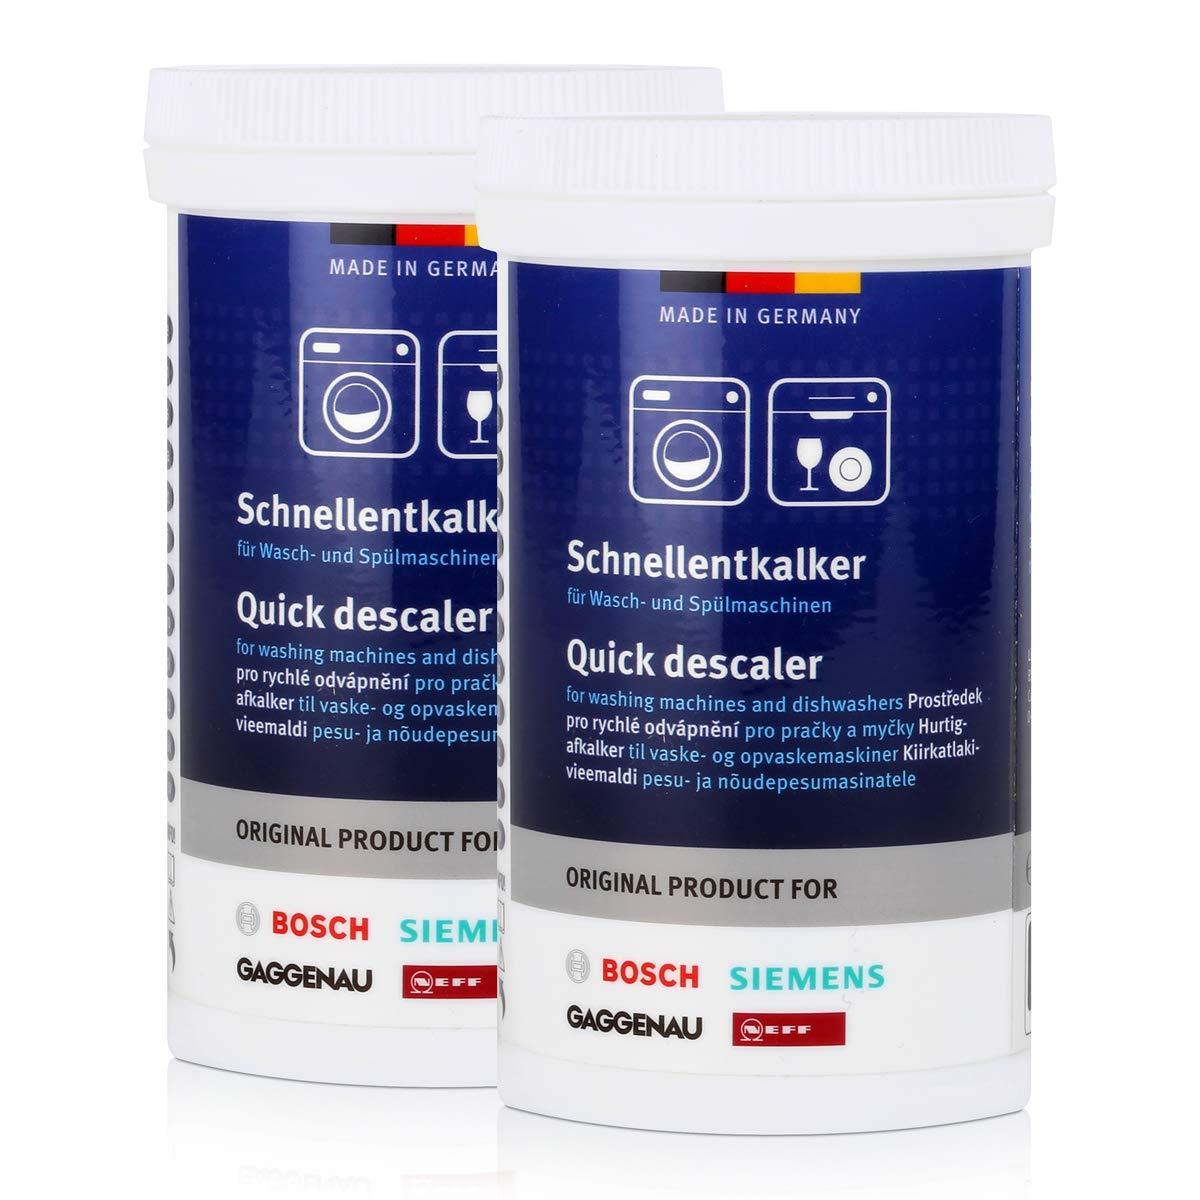 2 x BSH schn cocido antical 250 g - Descalcificador para lavadora ...